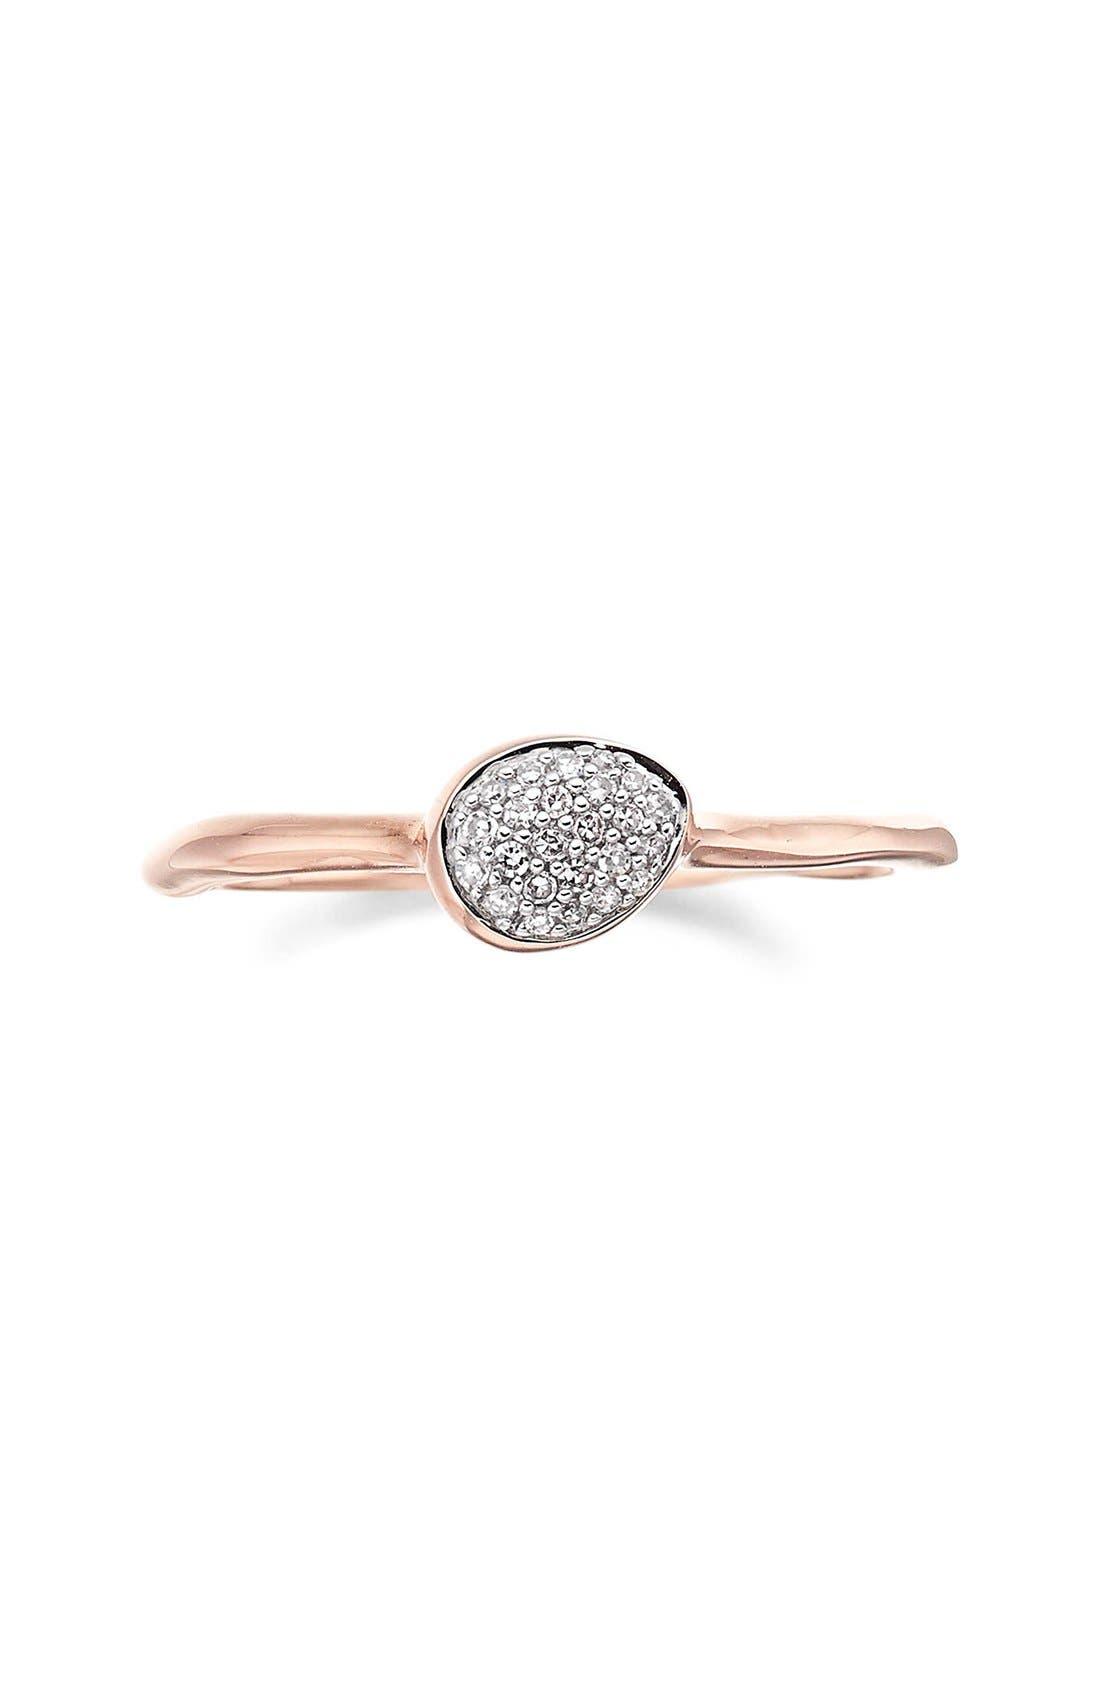 Alternate Image 3  - Monica Vinader 'Siren' Small Pavé Diamond Stacking Ring